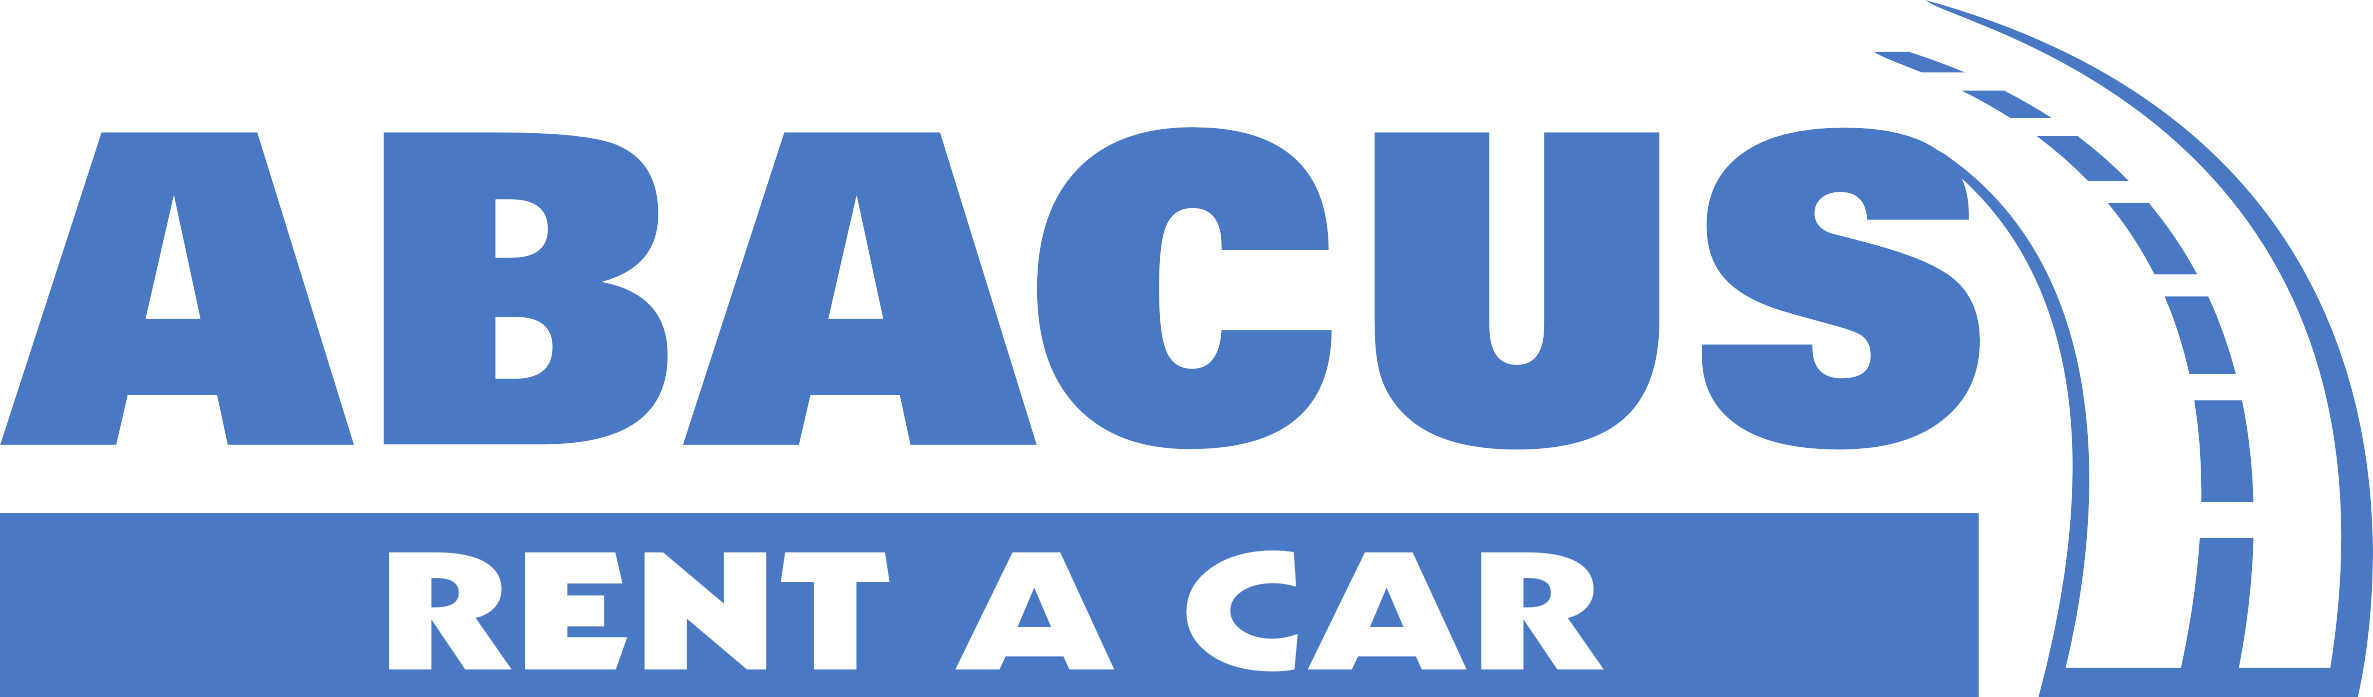 wypożyczalnia samochodów Abacus